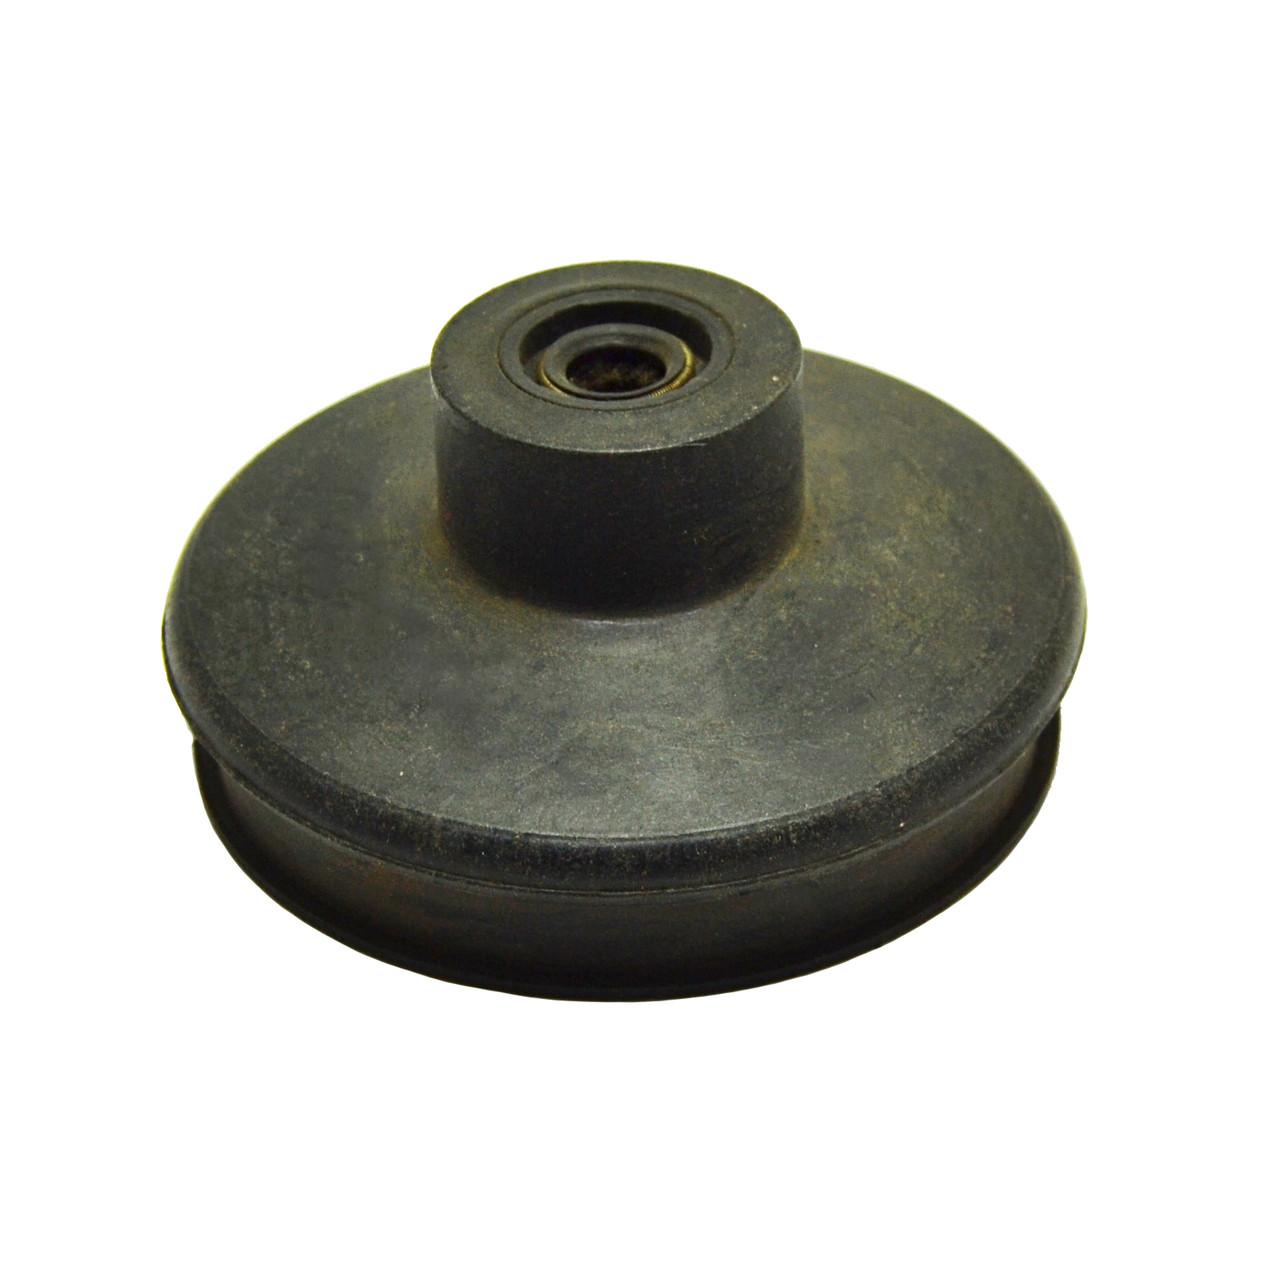 Сальник центрофуги для стиральной машины Волна (старый тип, D 14 мм)